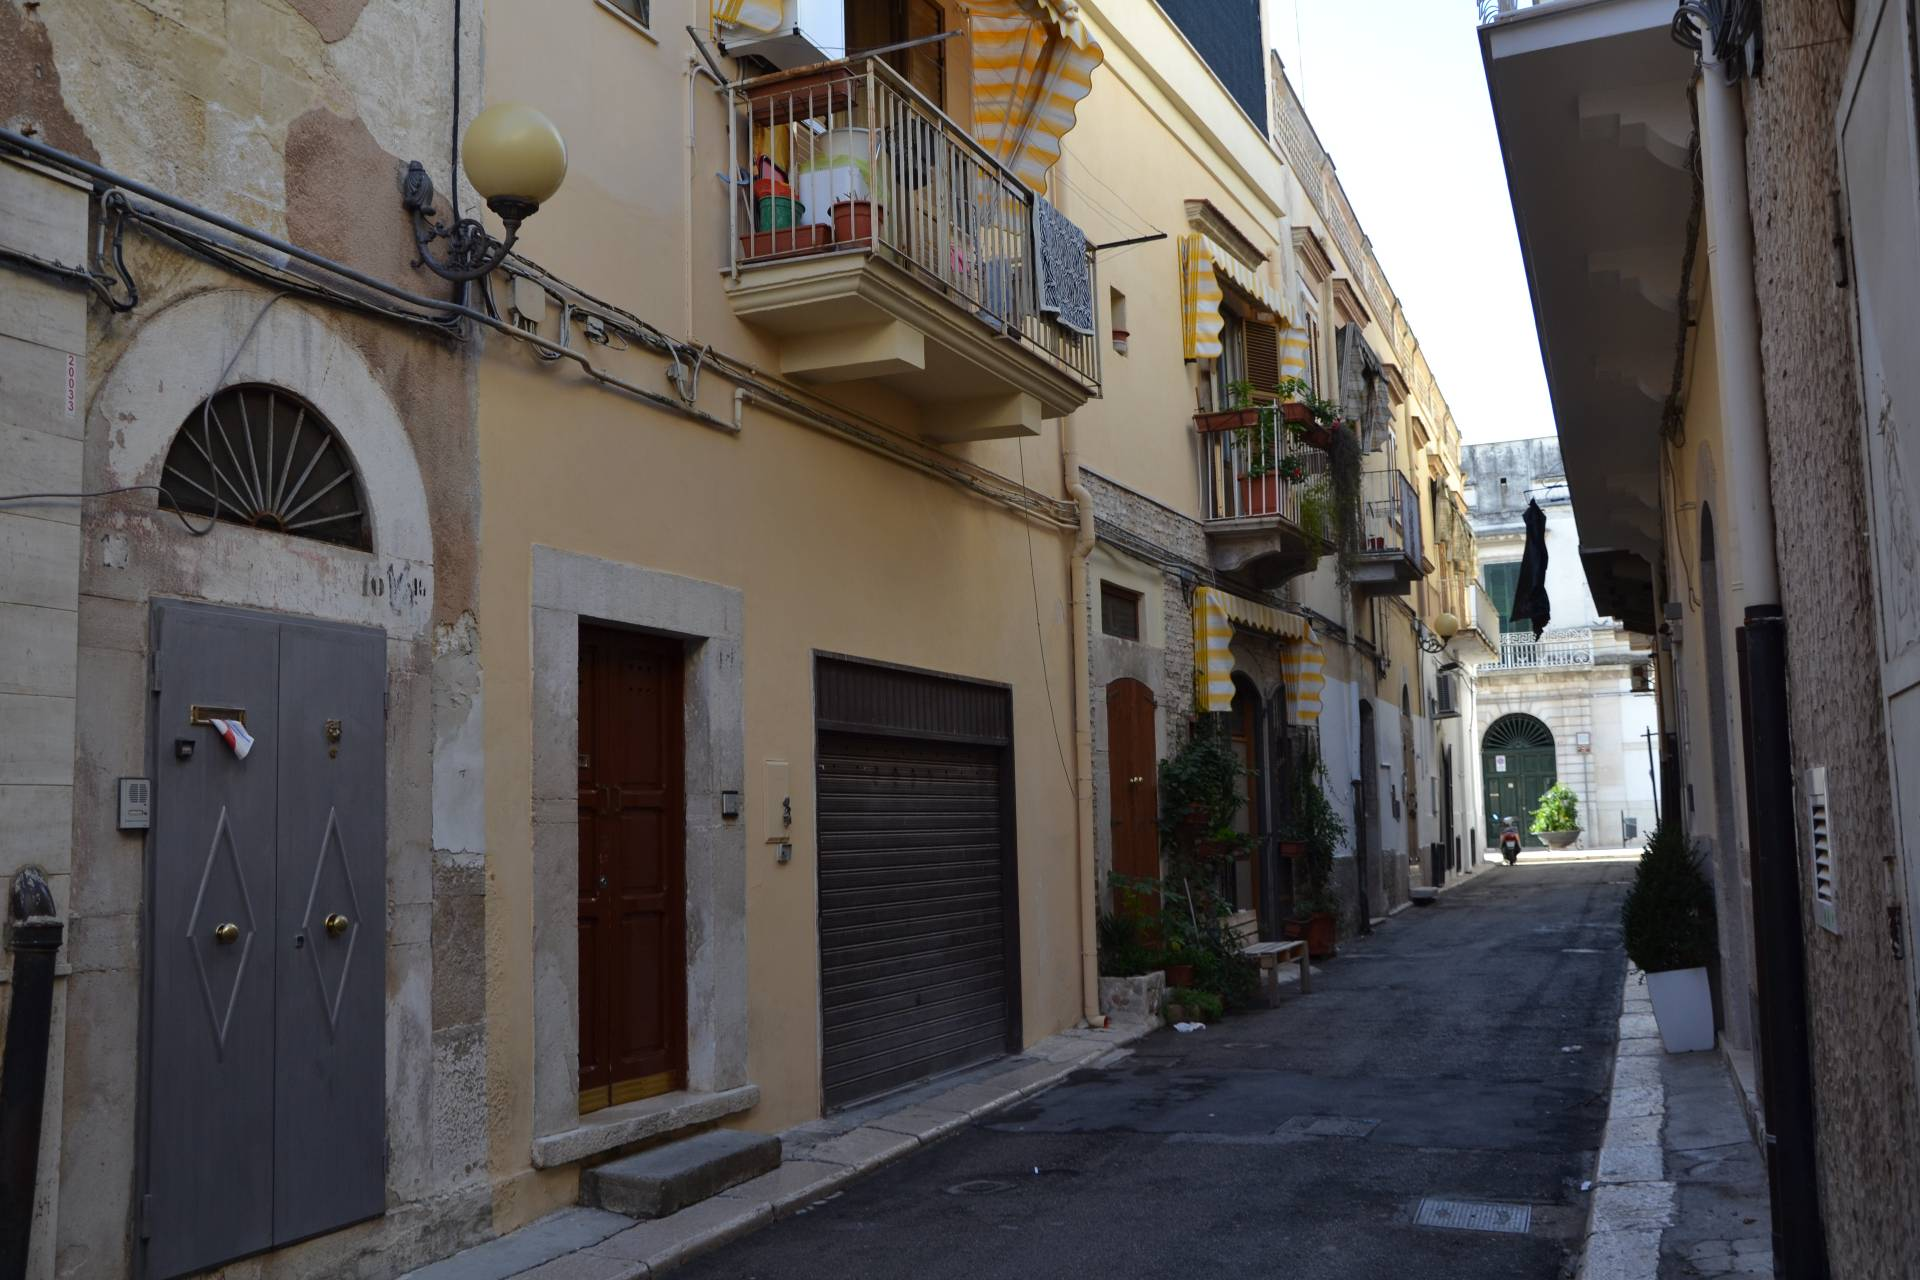 Casa singola in vendita a canosa di puglia cod r480a - Piano casa regione puglia ...